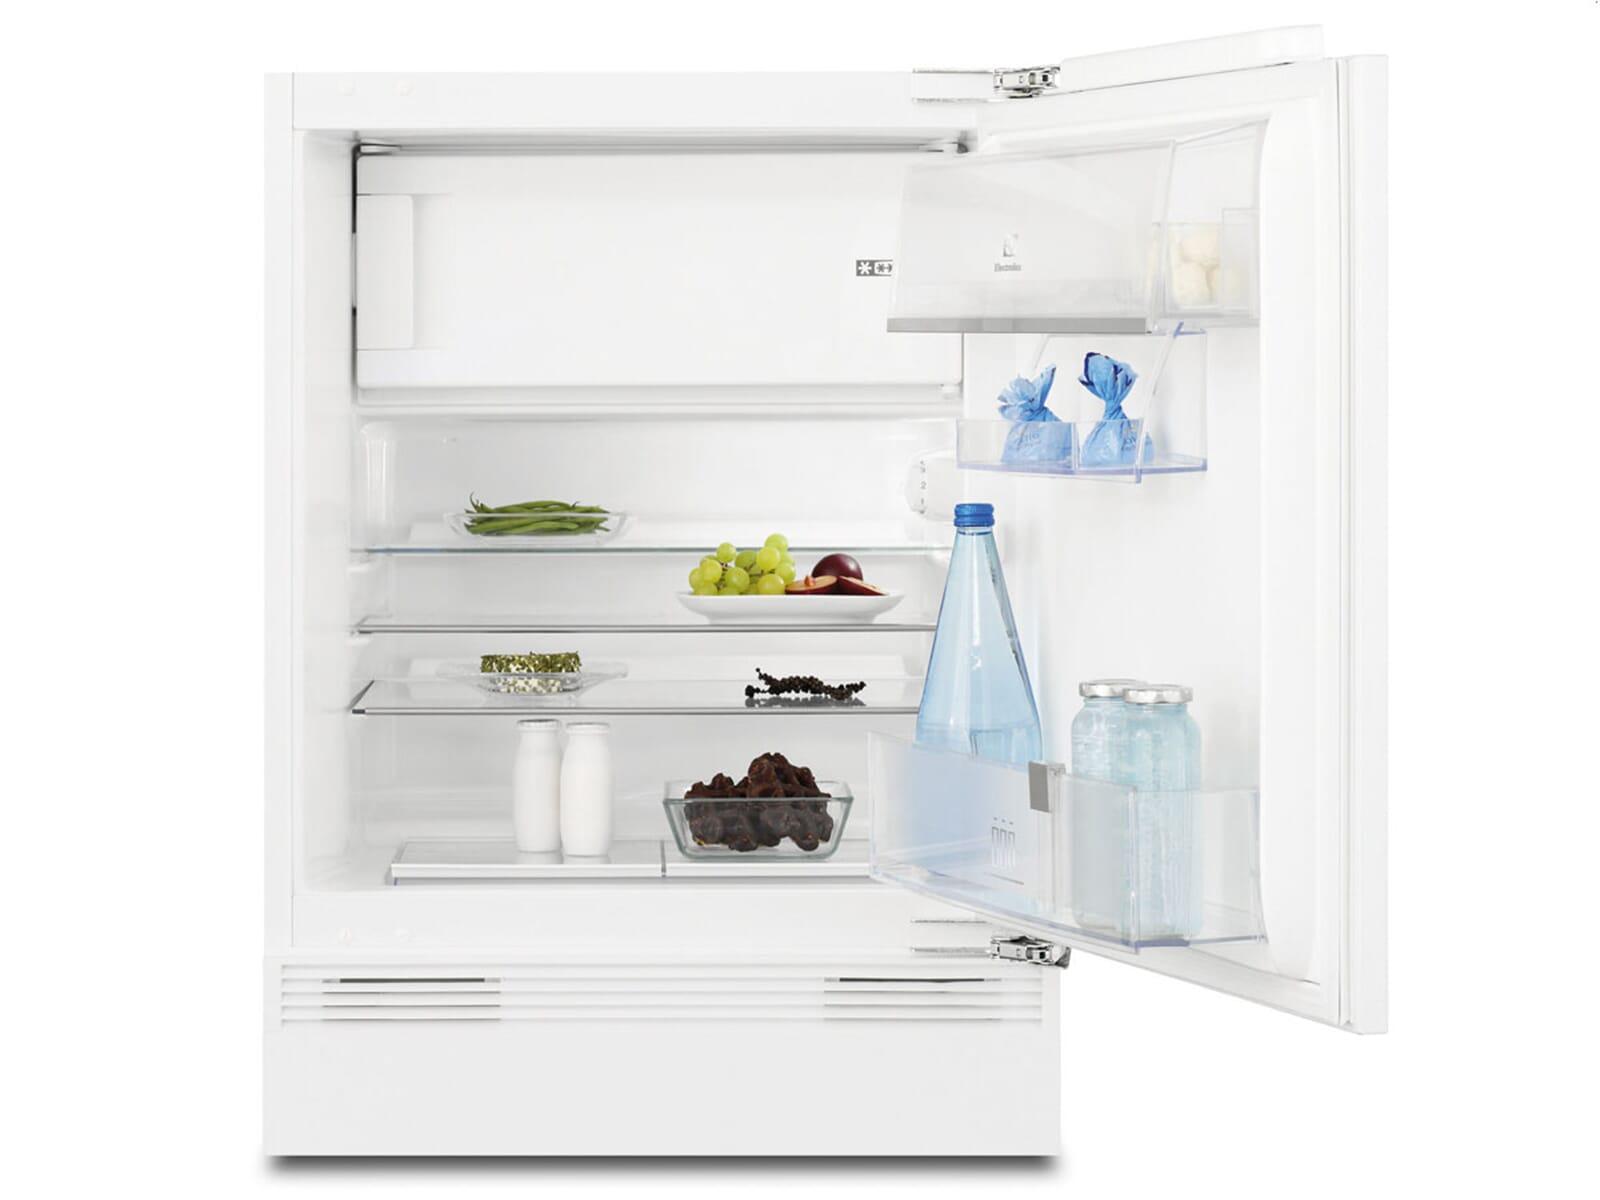 Gorenje Kühlschrank Dekorfähig : Unterbau kühlschrank dekorfähig bosch kfl a weiß bei